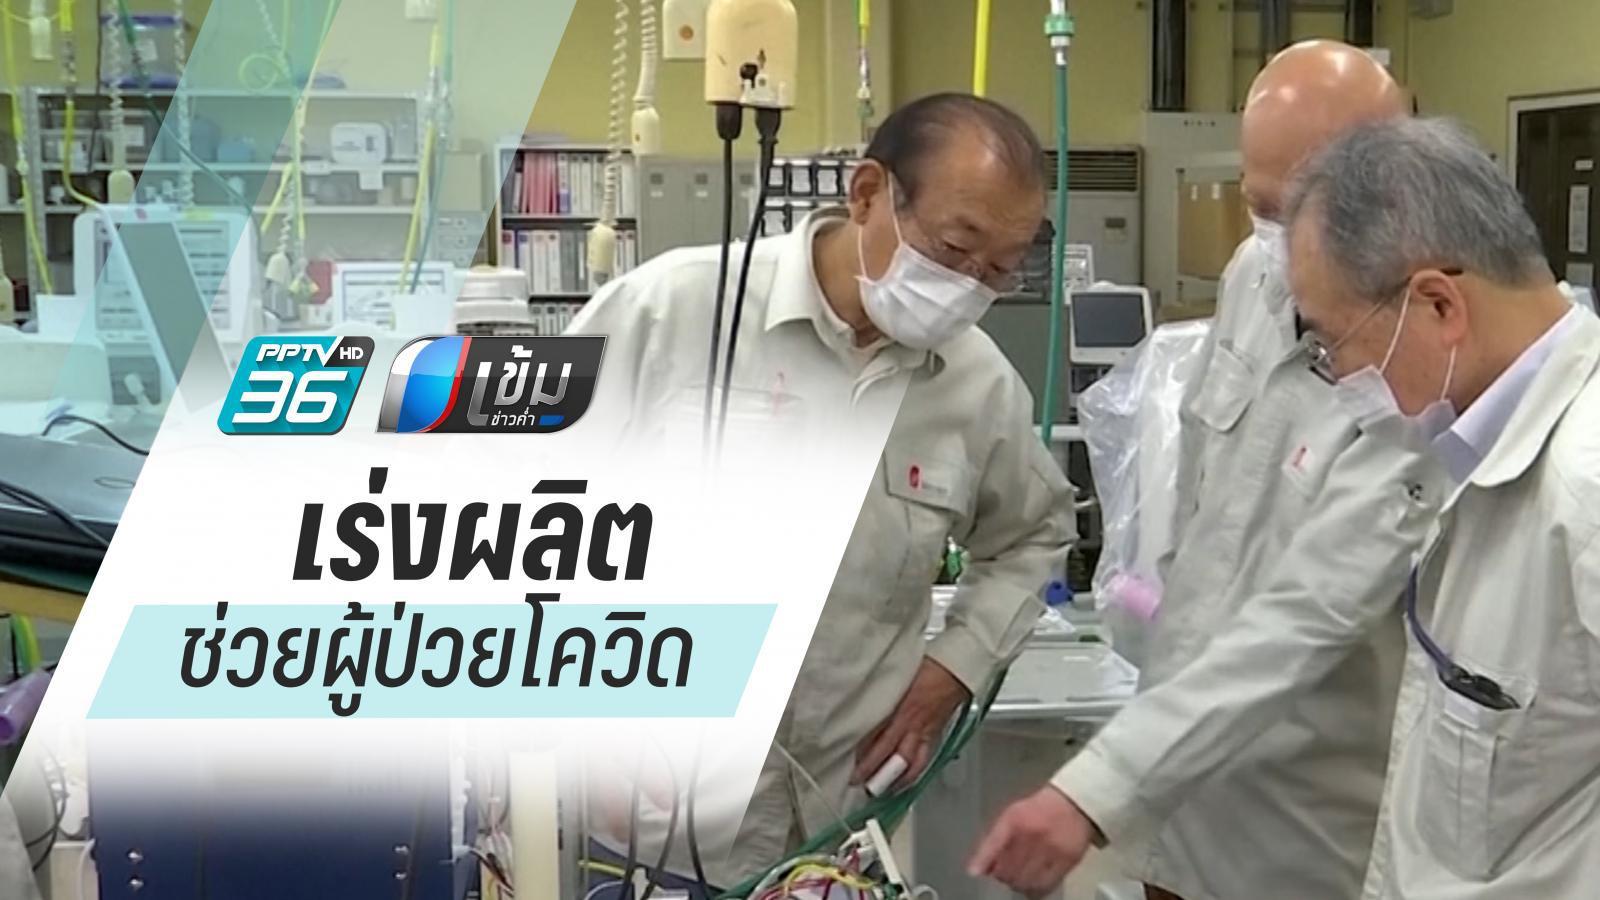 บริษัทเครื่องช่วยหายใจสัตว์ในญี่ปุ่นเร่งผลิตช่วยผู้ป่วยโควิด-19